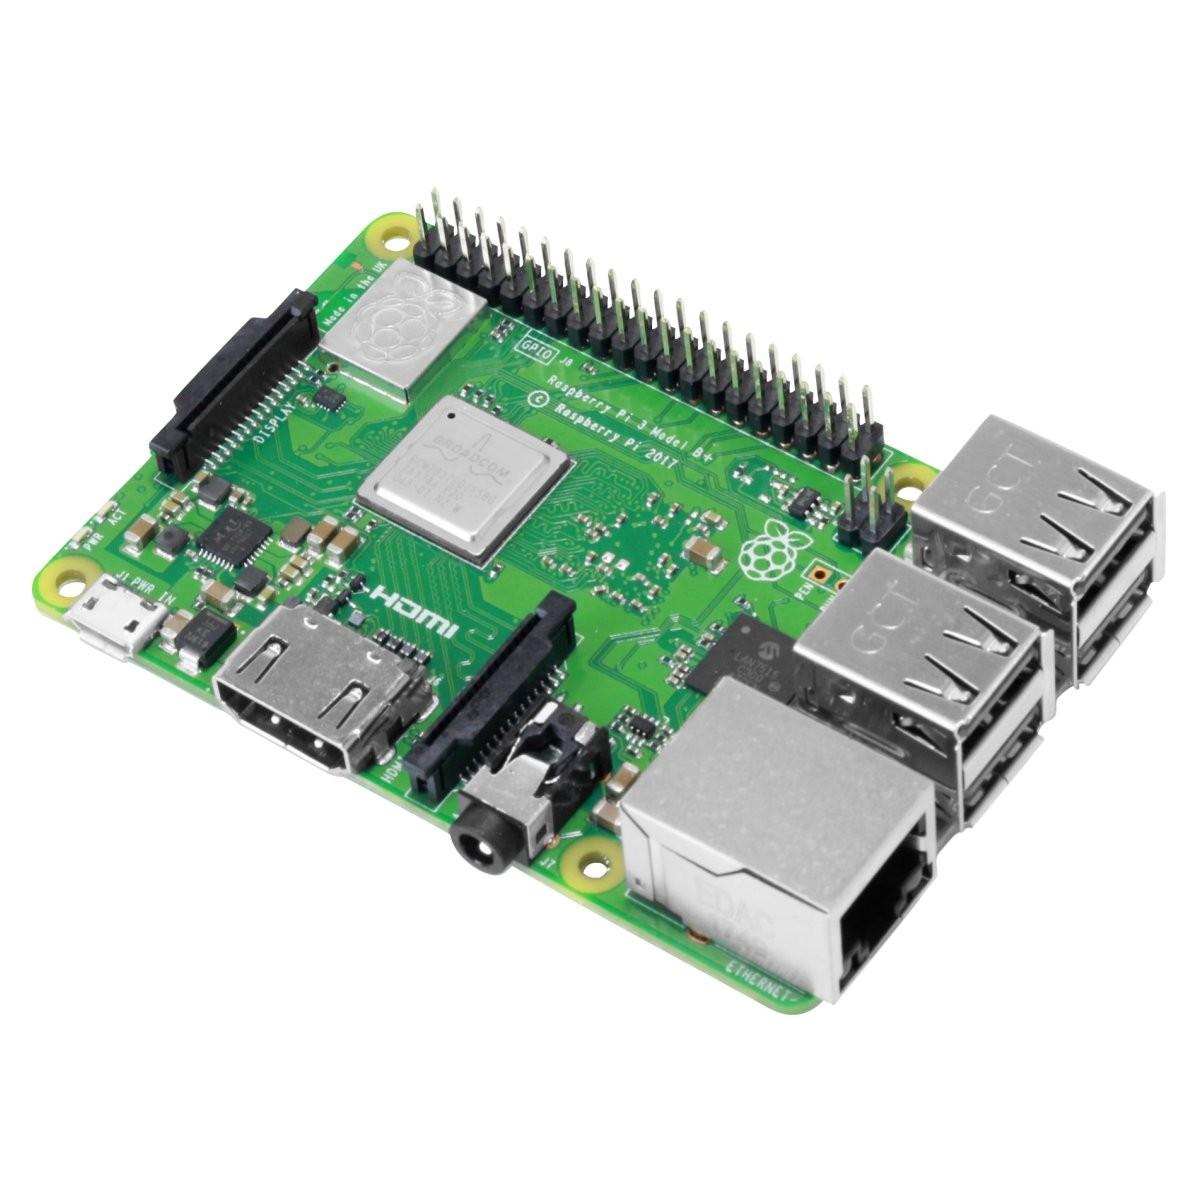 RASPBERRY Pi 3 model B+ 1GB HDMI Ethernet 4xUSB 1.4Ghz